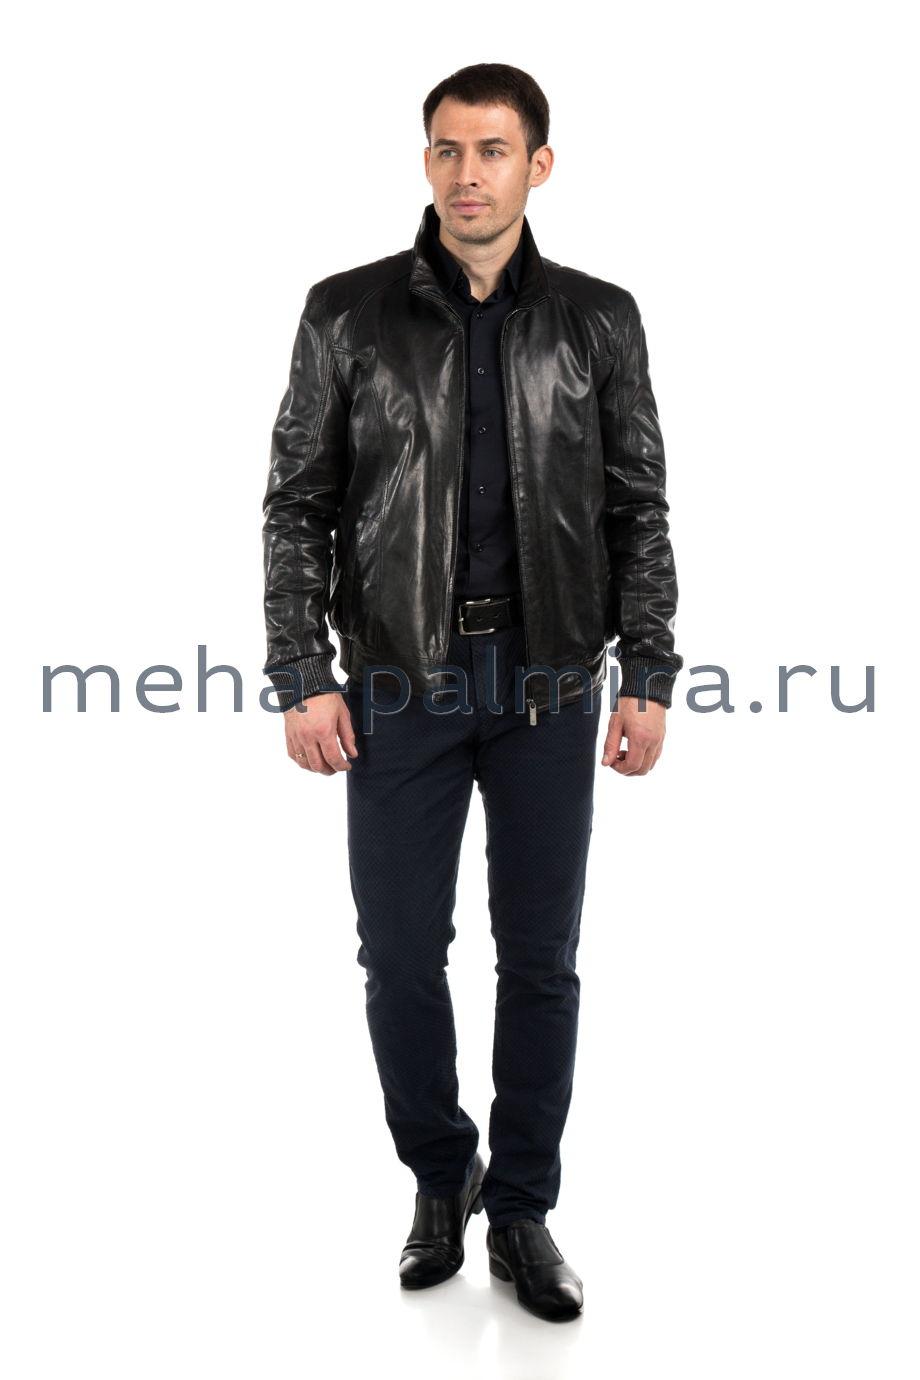 Кожаная куртка мужская на резинке, черного цвета